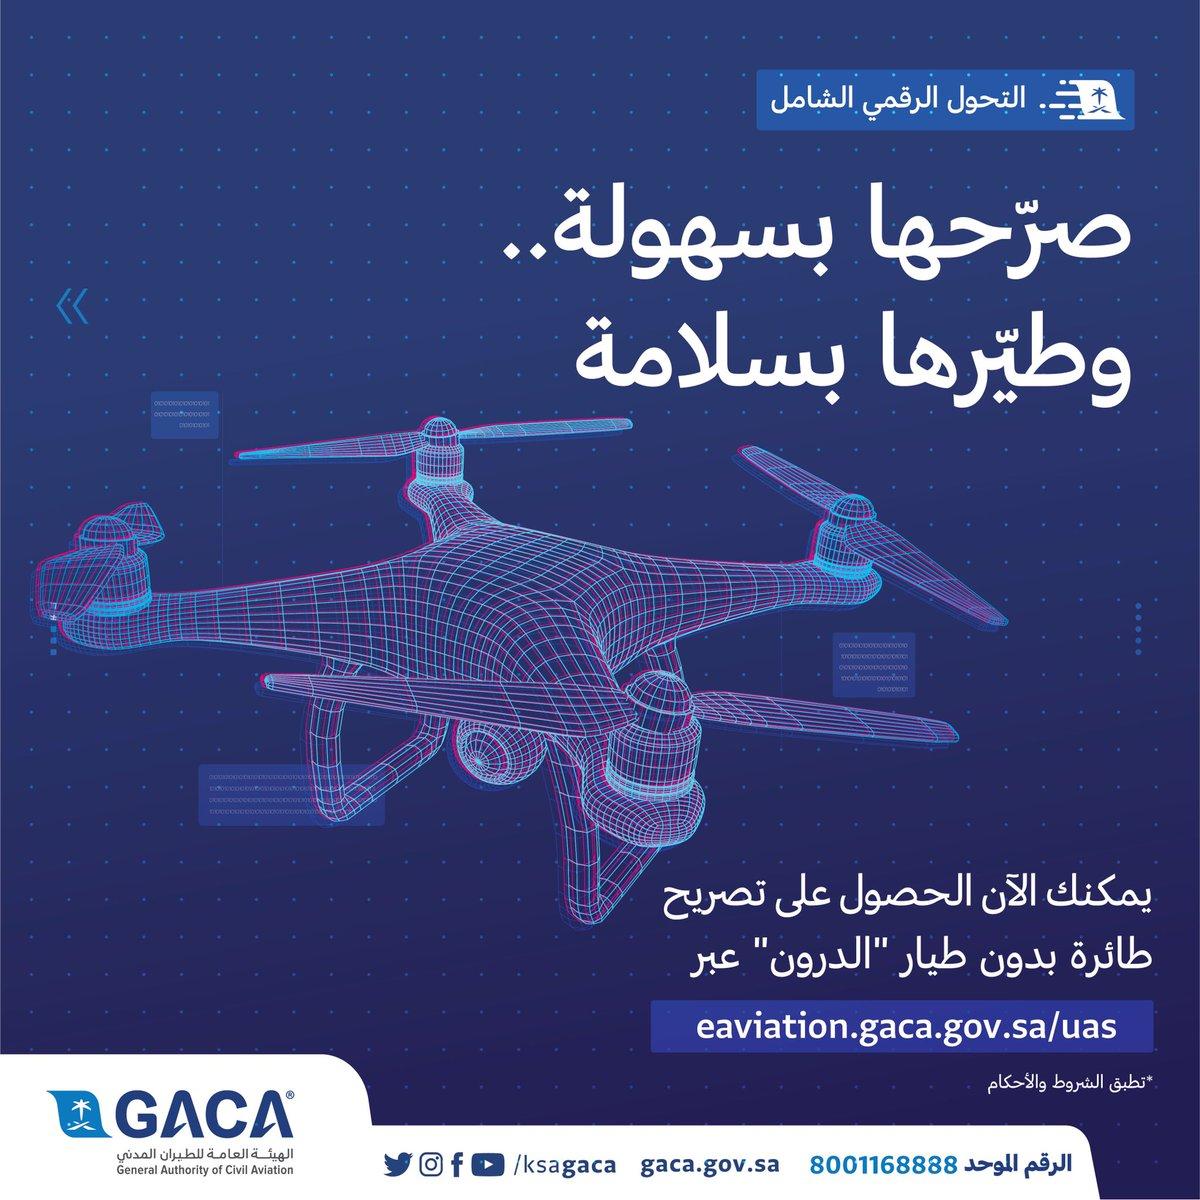 استيراد طائرات بدون طيار في السعودية مسموح مشروع يلوح في الافق